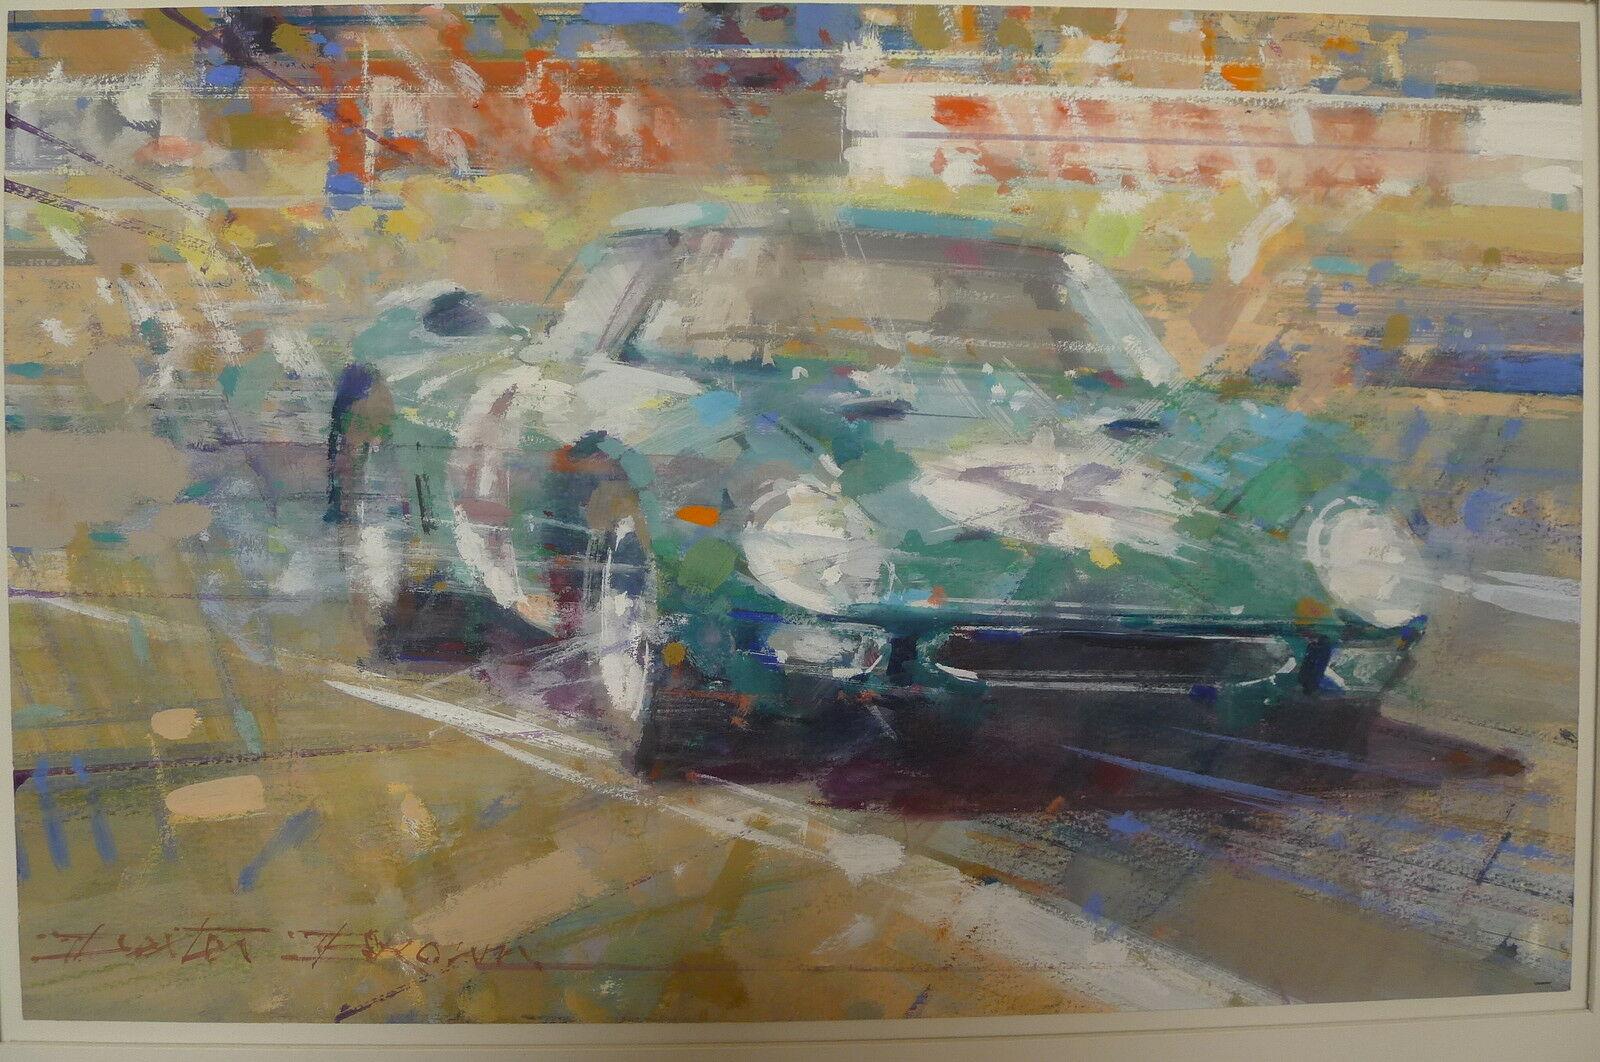 Ferrari Dexter Brown 250LM Le Mans